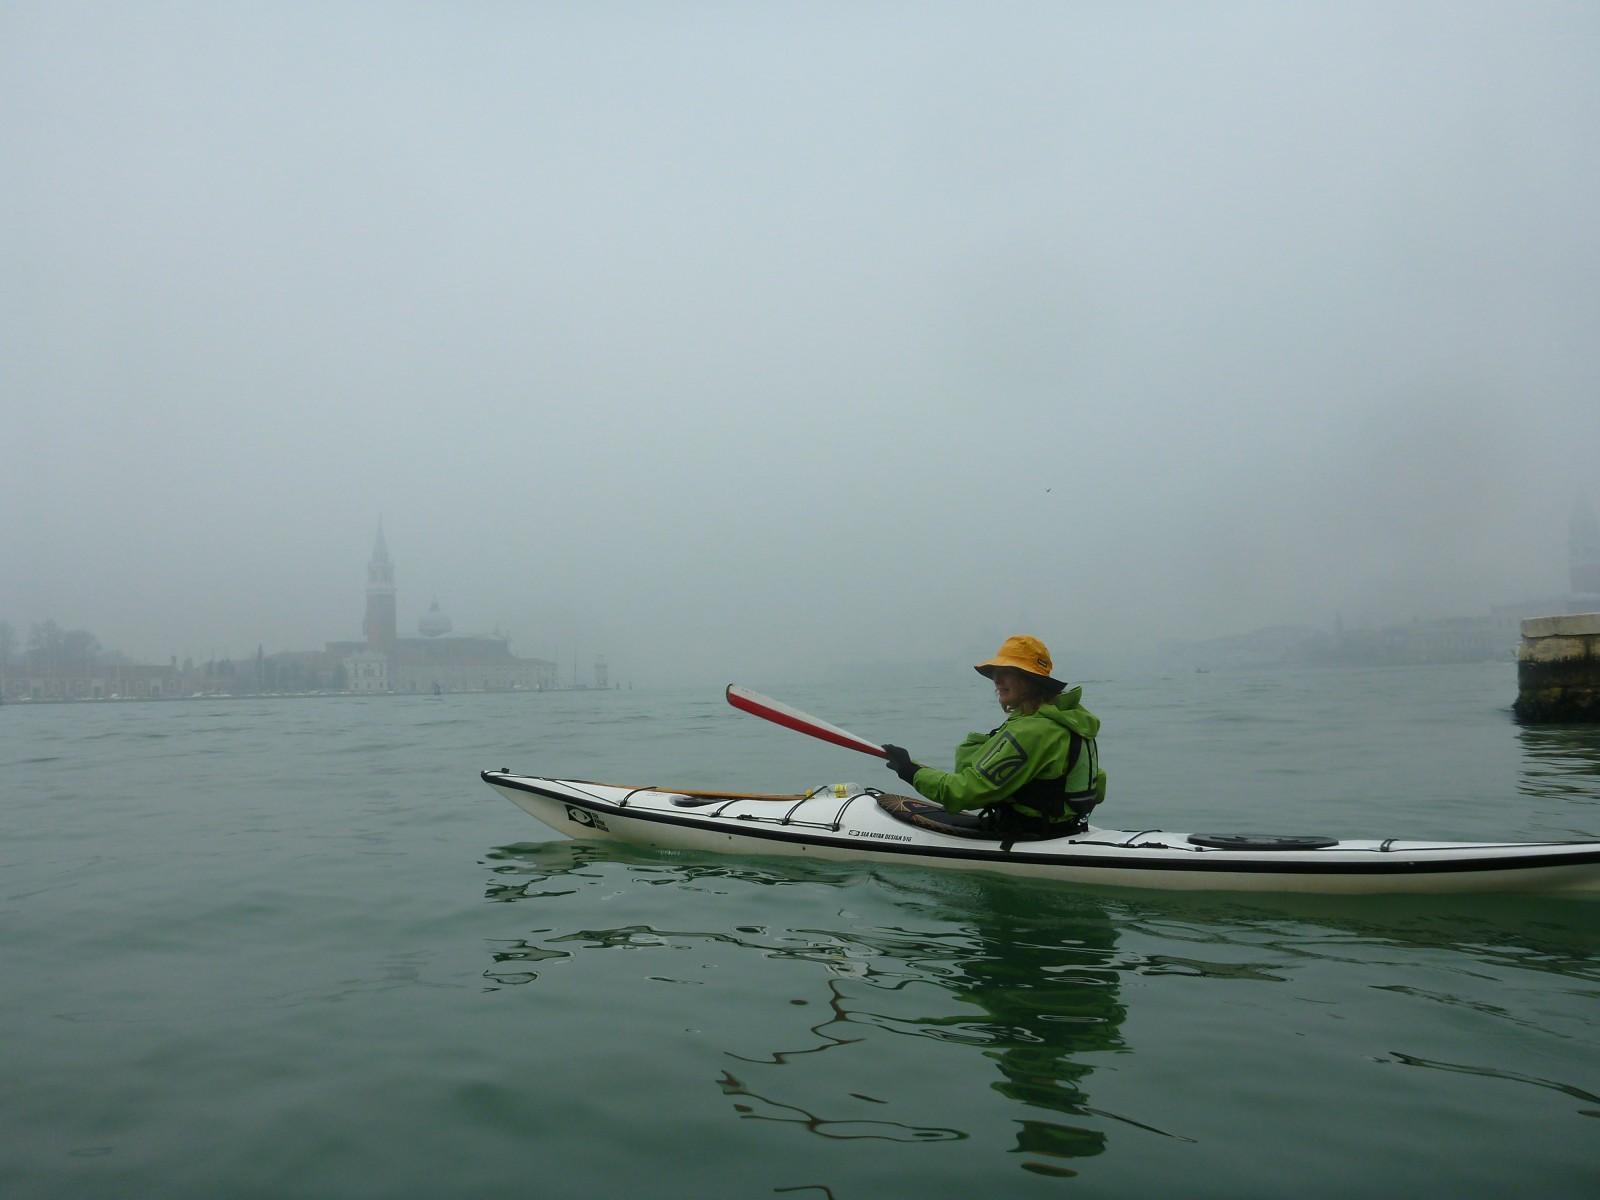 Loretta in Bacino San Marco foggy